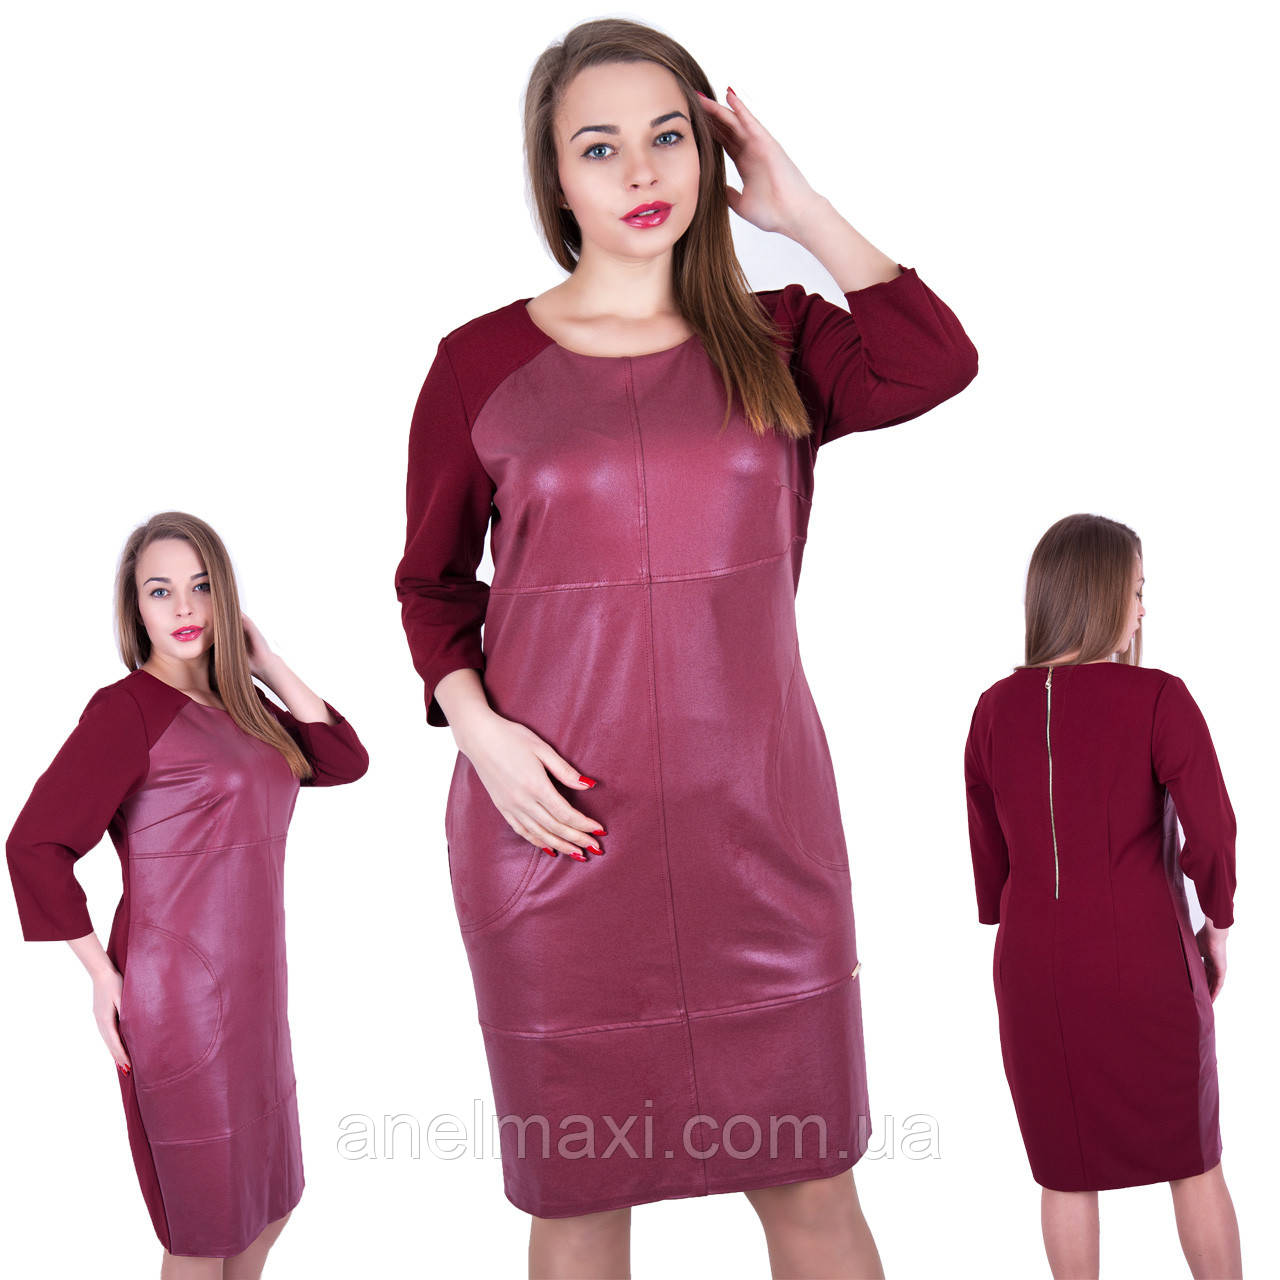 02561556ff4 Нарядное платье с кружевом синего цвета 564 большого размера в ...